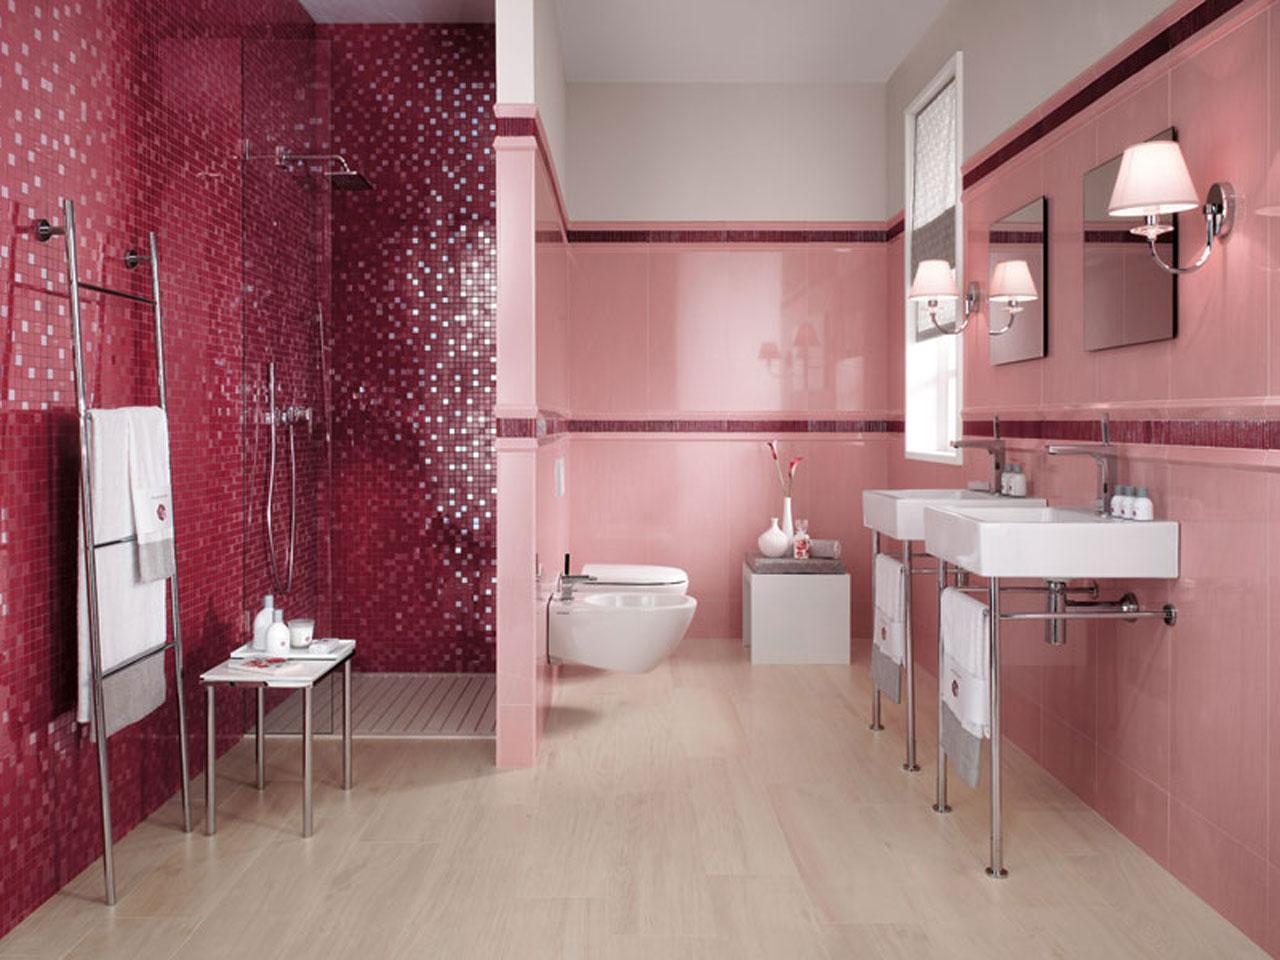 Bagnoidea prodotti e tendenze per arredare il bagno for Bagni rivestimenti e pavimenti